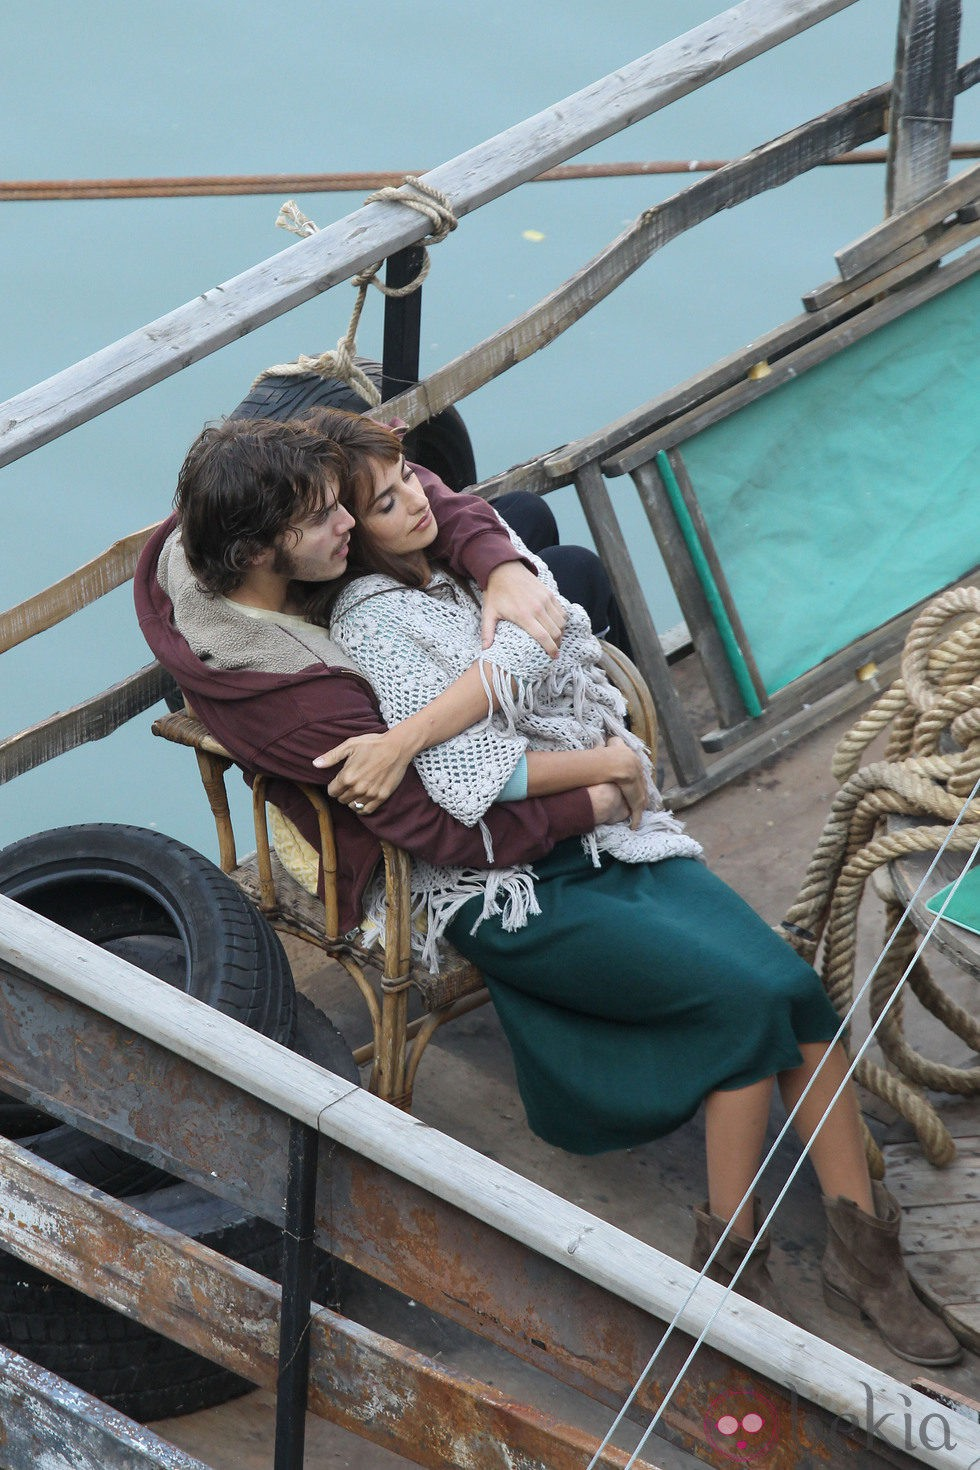 Penélope Cruz y Emile Hirsch abrazados en el rodaje de 'Venuto al mondo' en Roma